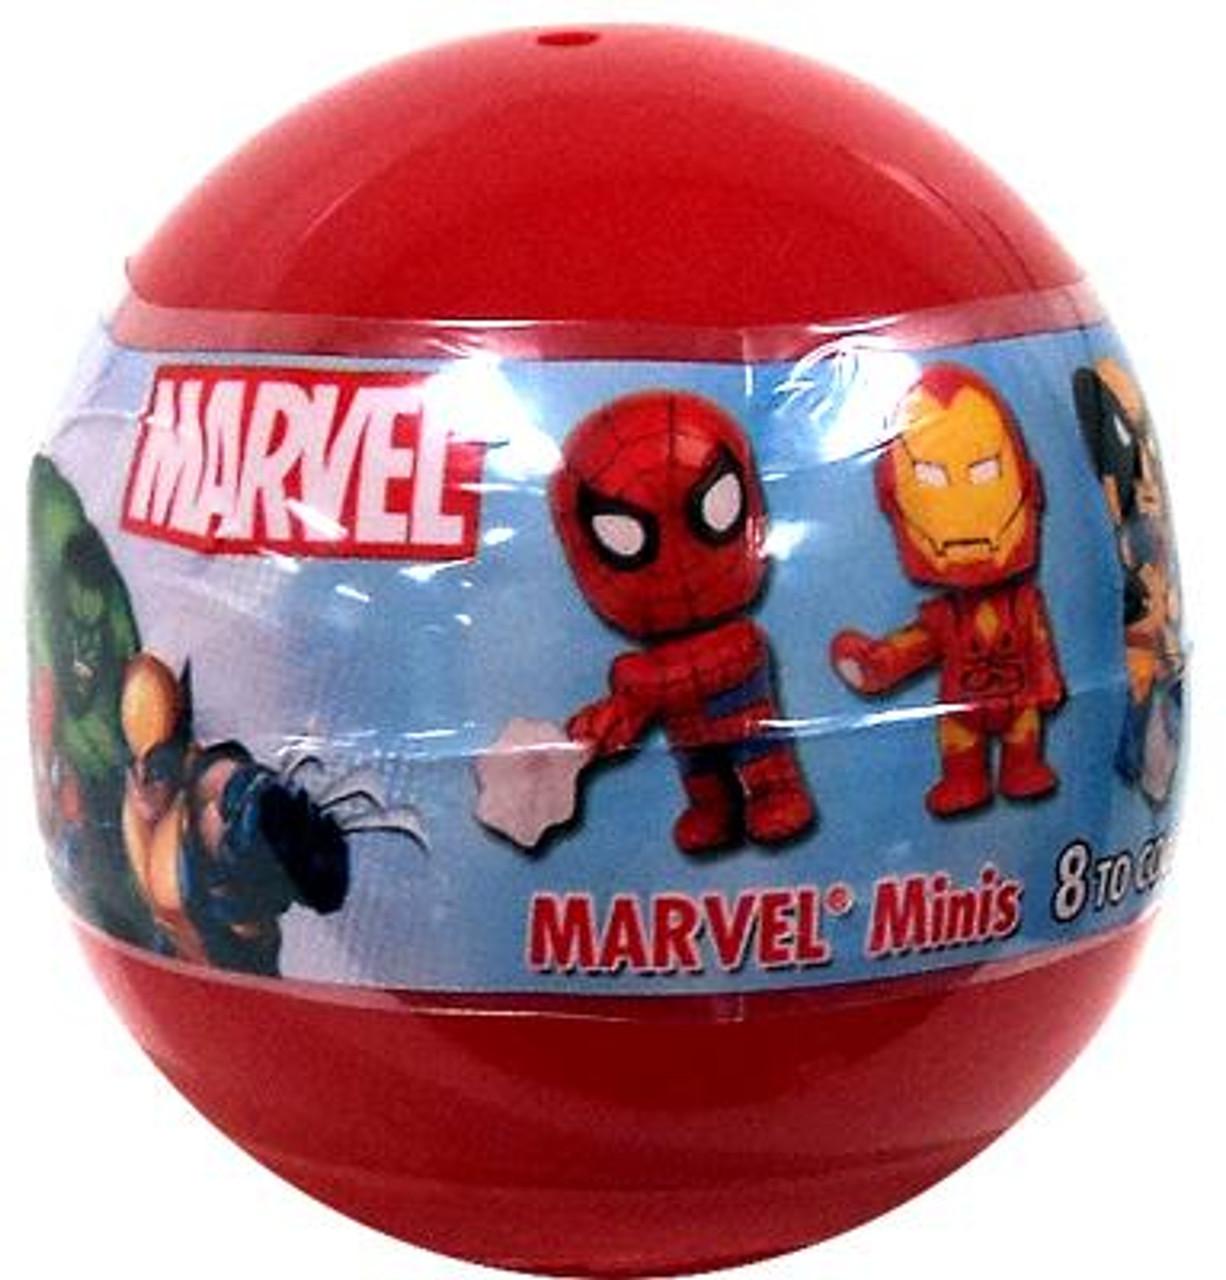 Marvel Minis Mystery Pack